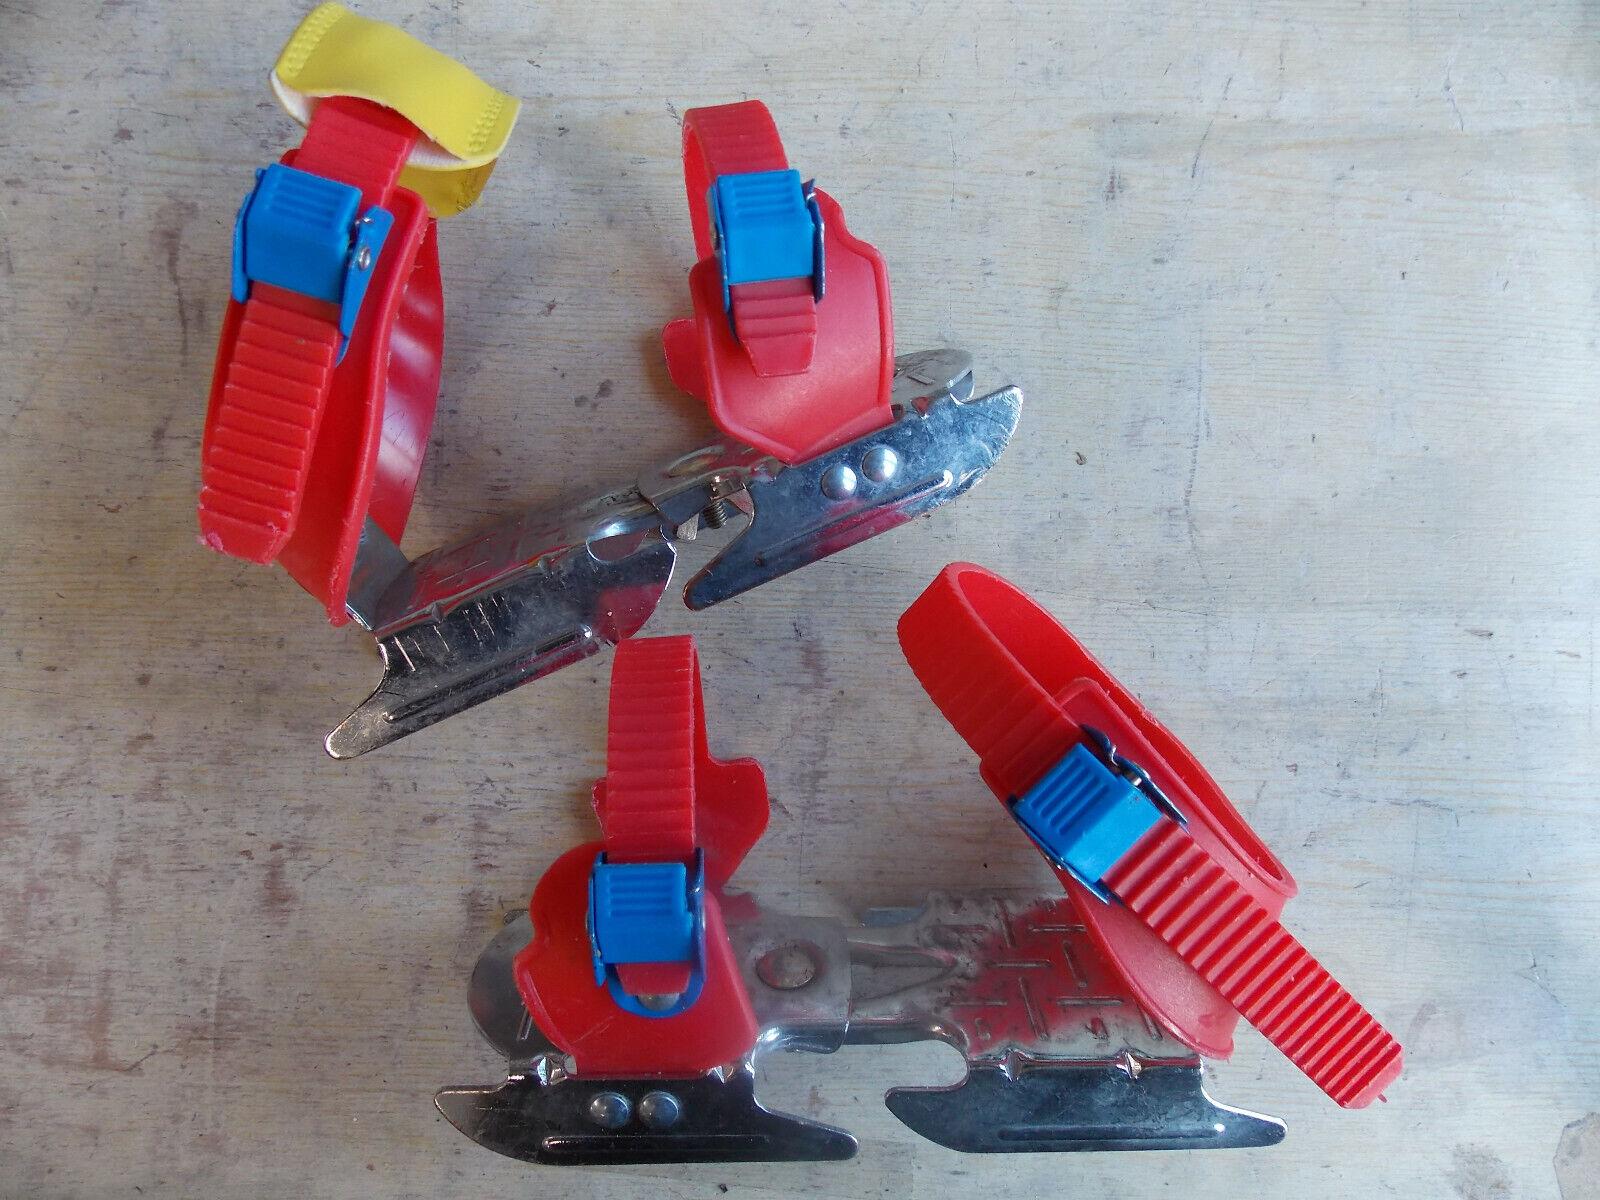 Nijdam Kinder Verstellbare Gleitschuhe Uni Rot/Blau/Gelb Schuhe,